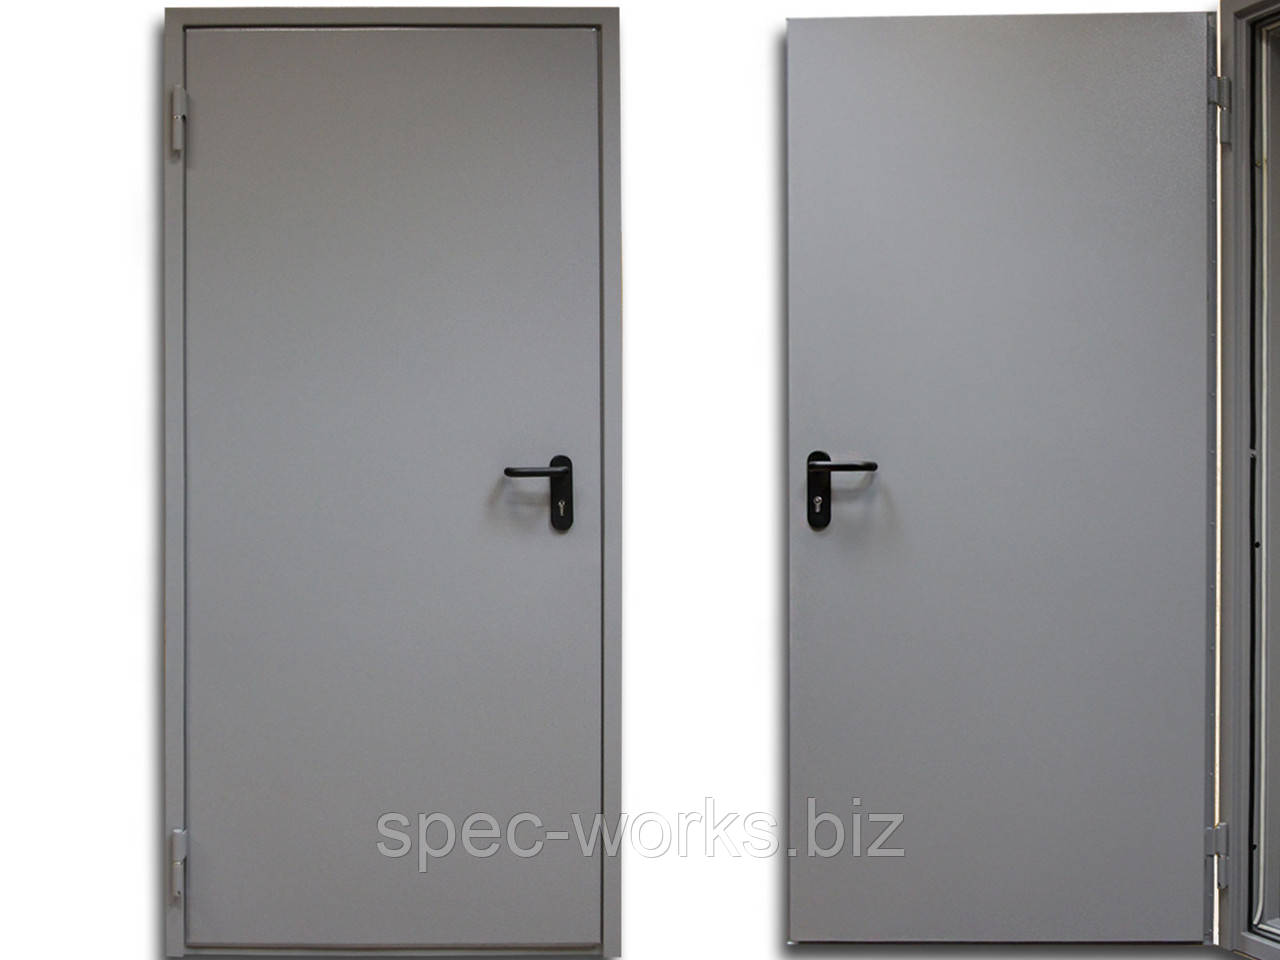 Противопожарная одностворчатая дверь ДПМ 60-1 900 x 2200